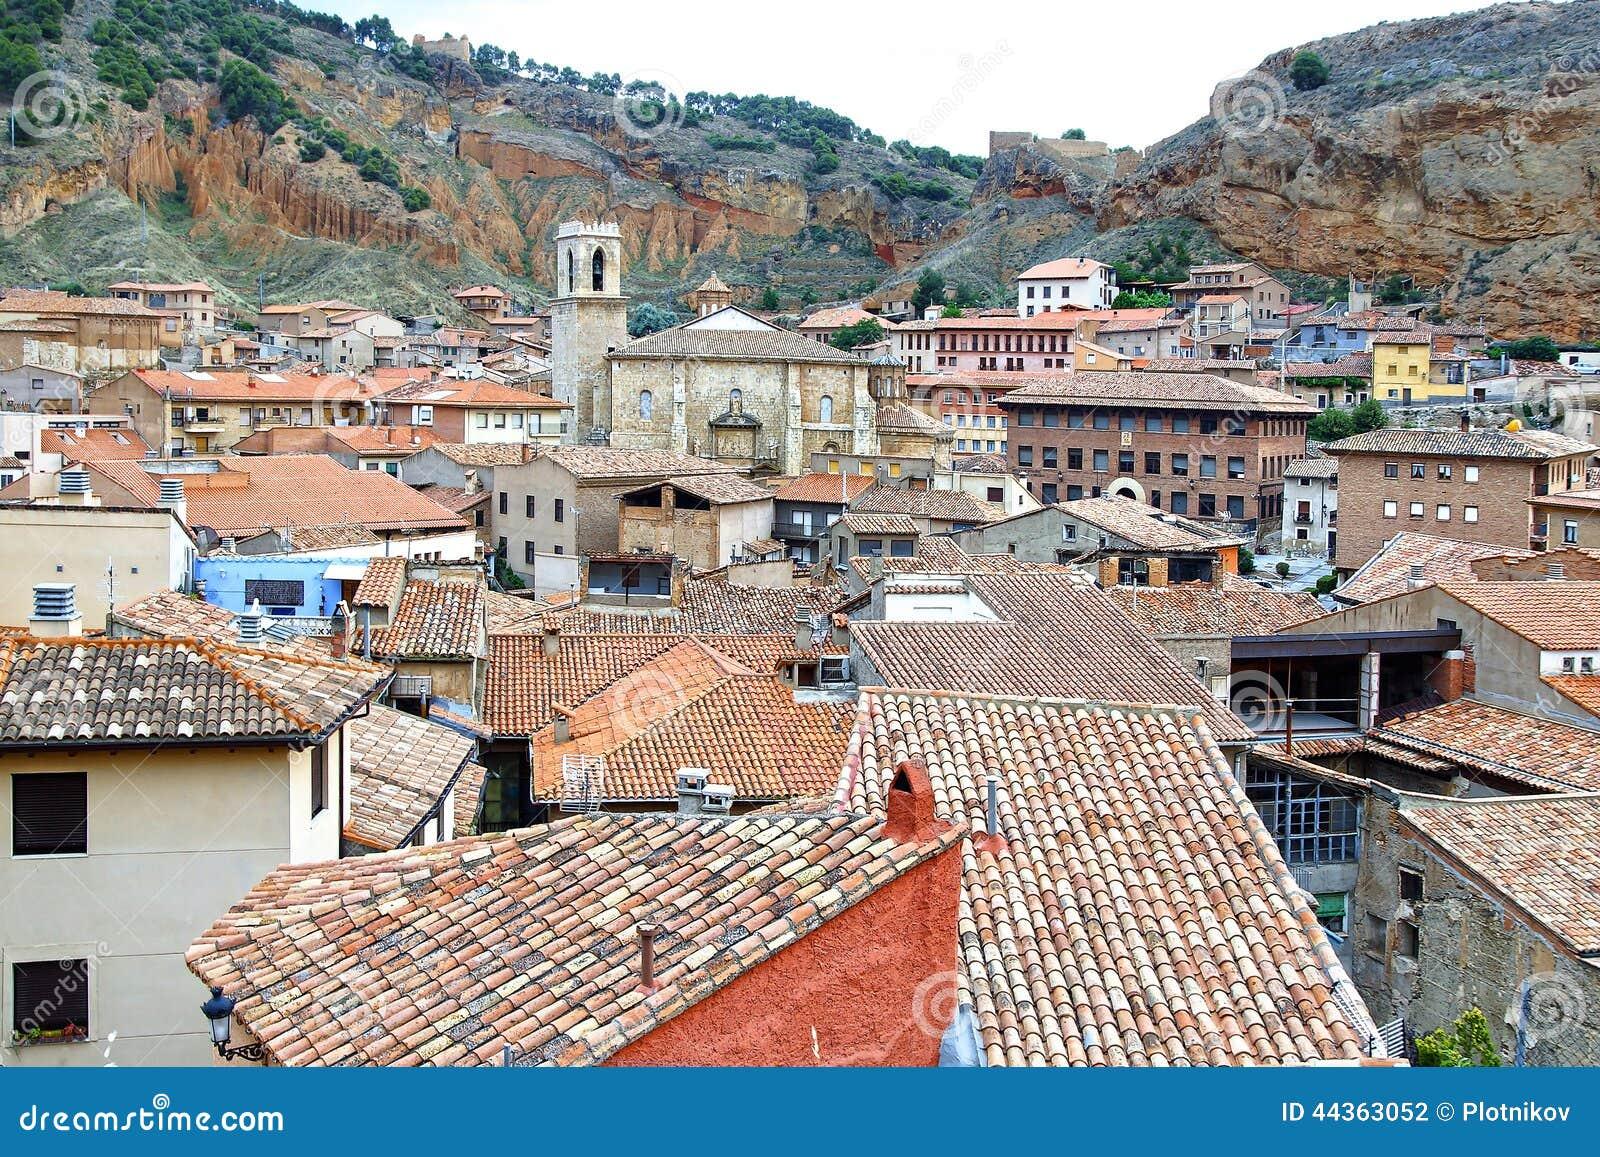 La vecchia città Daroca spain